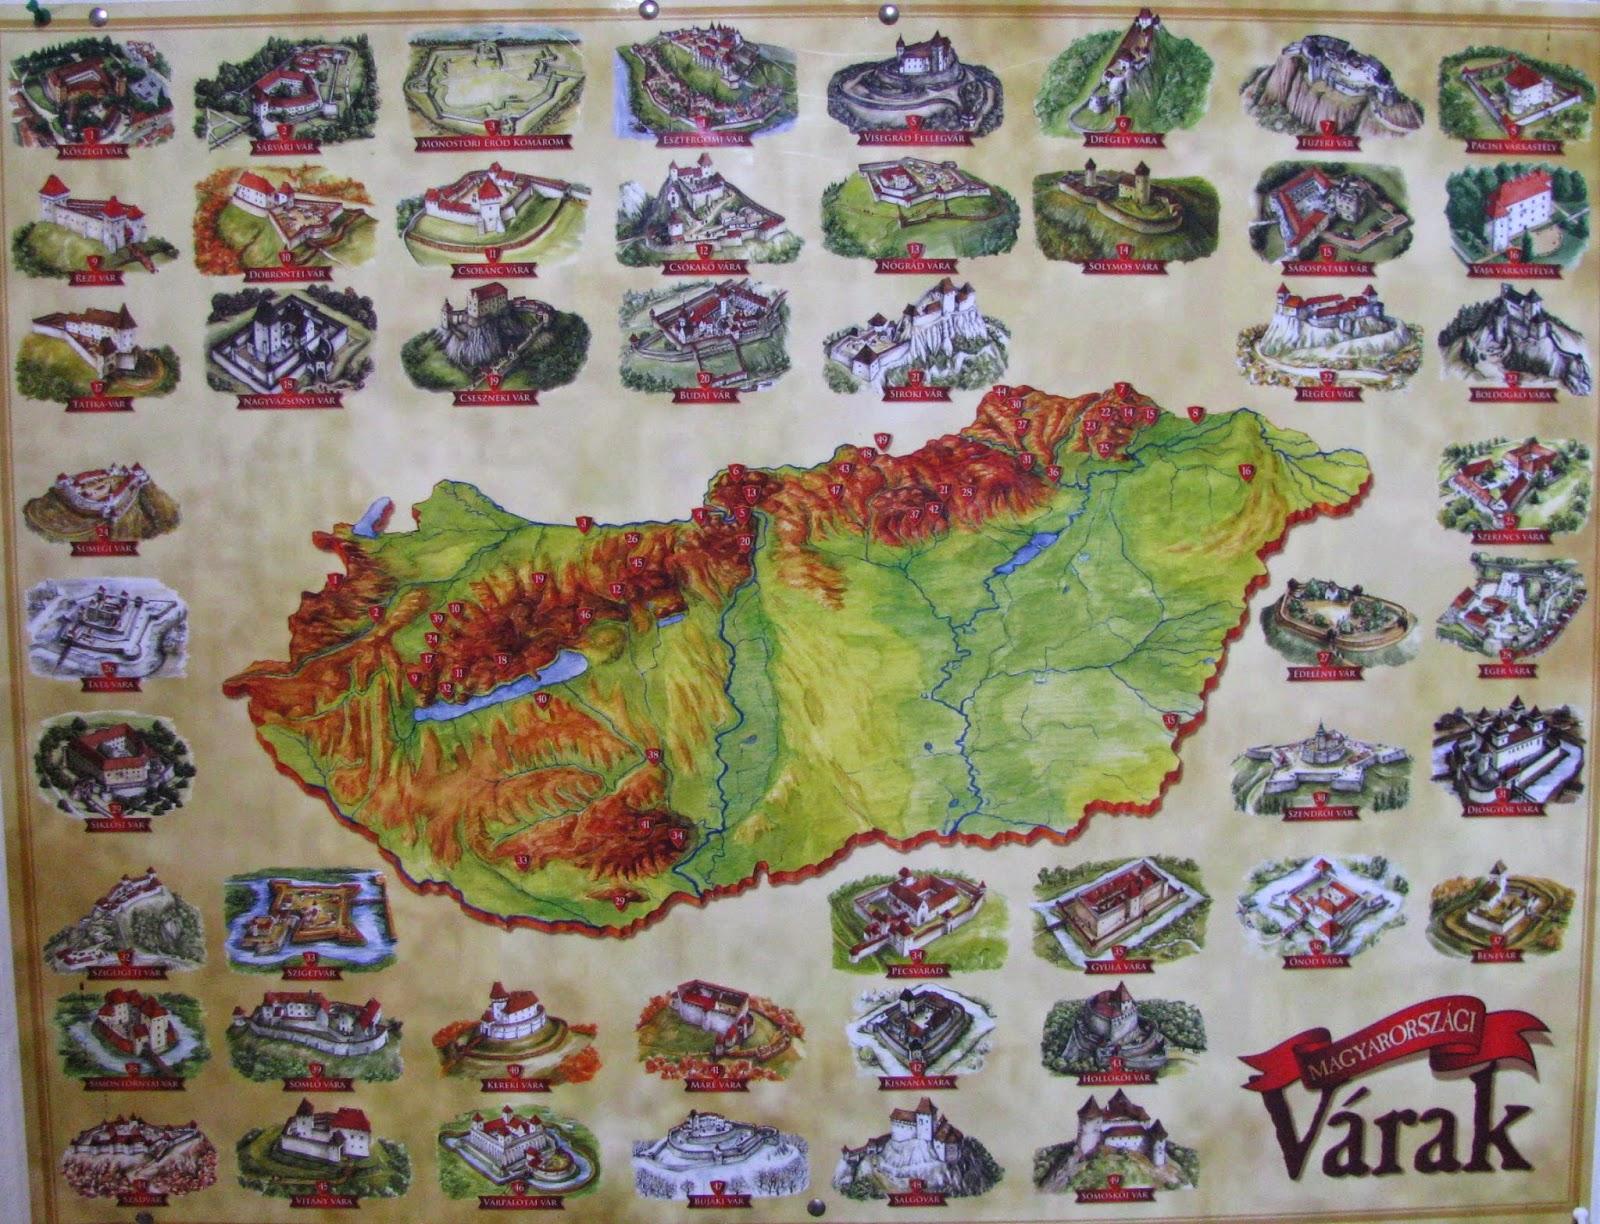 magyarország várai térkép Magyar Kaland: Magyarország ismert várai magyarország várai térkép